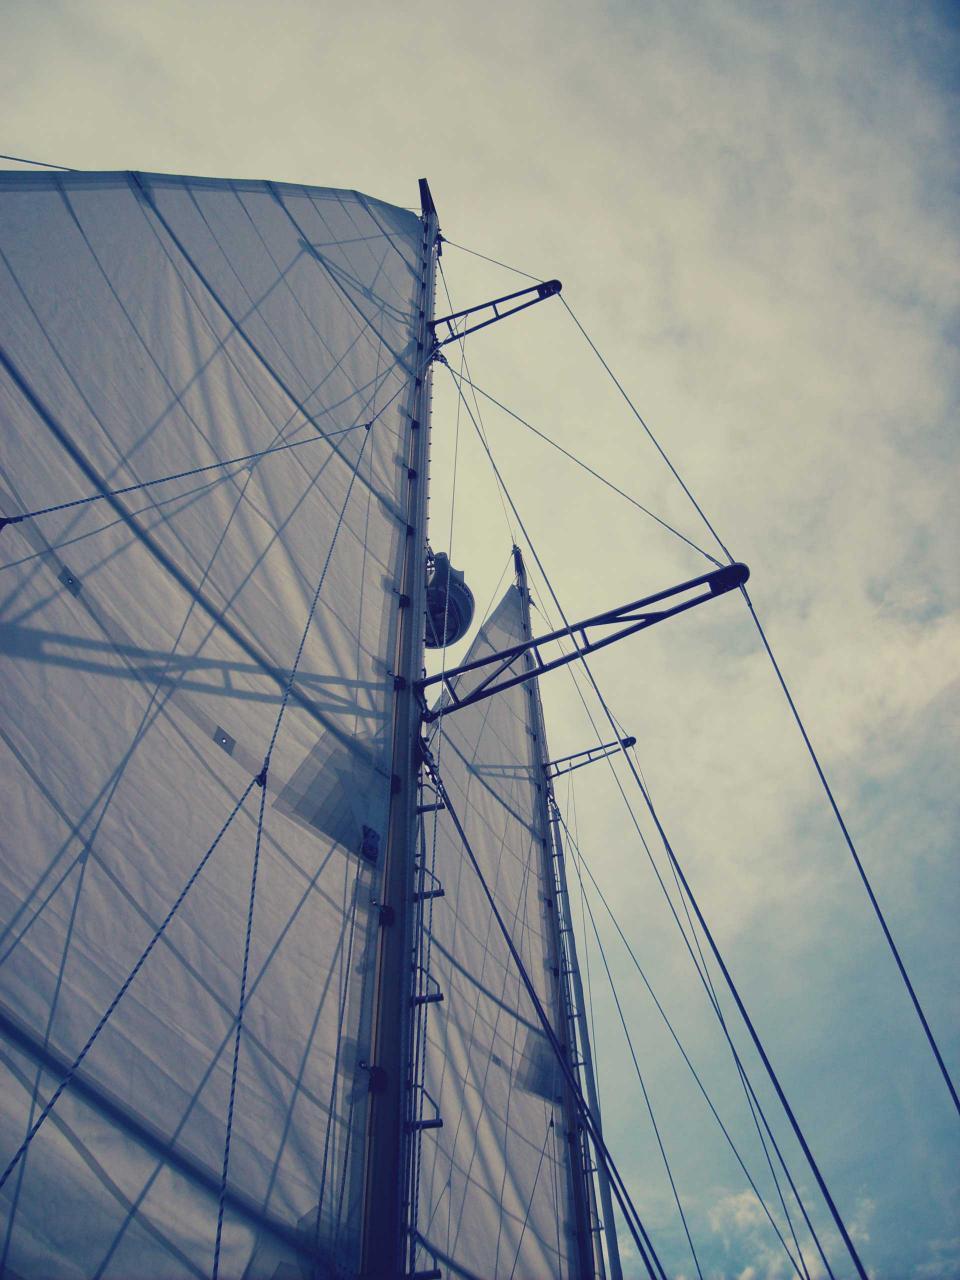 sailboat sals mast boating sky